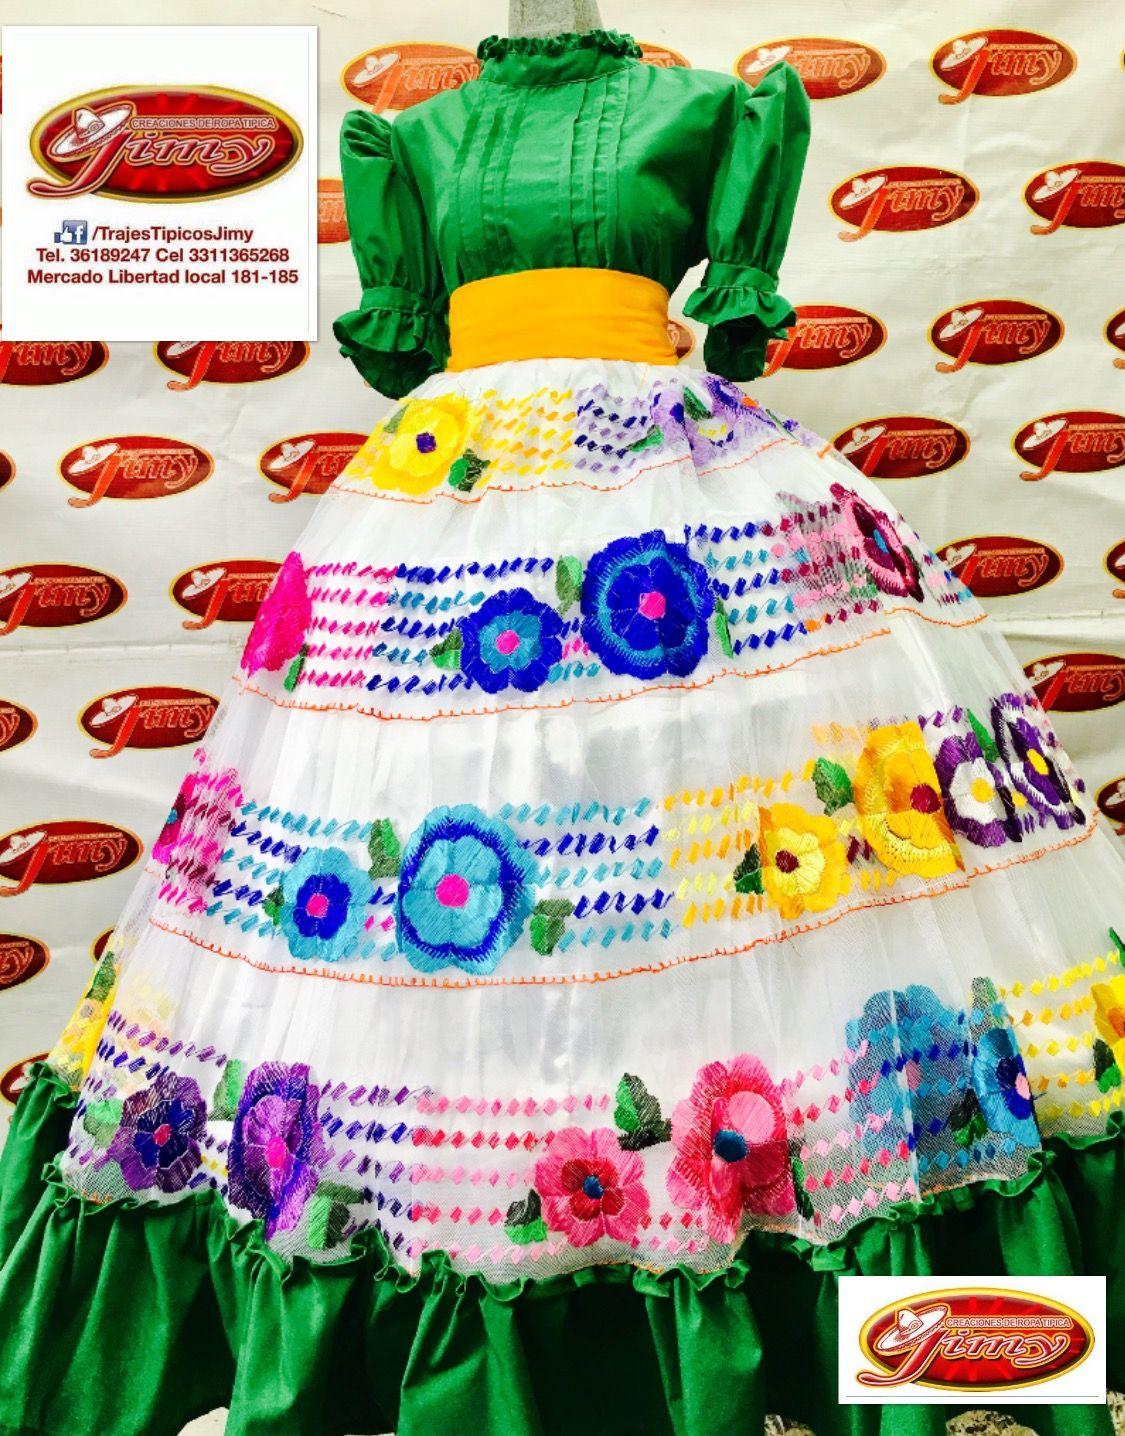 Vestido de Chiapas Traje de Chiapas Diseño personalizado Bordado a mano  Charreria y Trajes Típicos Jimy Whatsapp 3311365368 Guadalajara   54c0beb59a8c